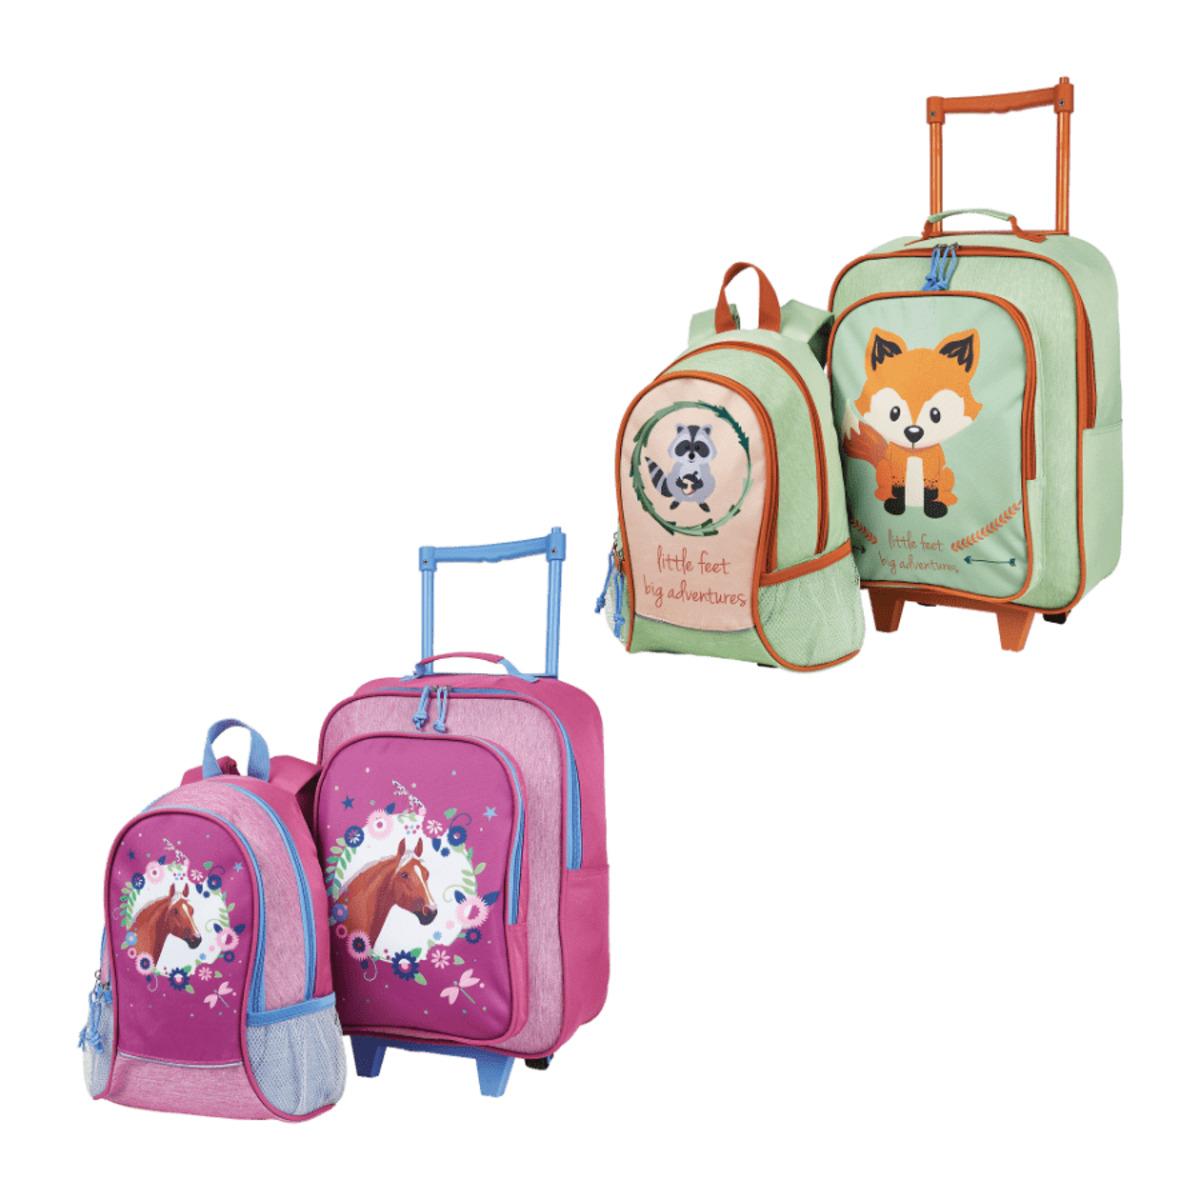 Bild 1 von ROYAL LIFE     Kindertrolley mit Rucksack